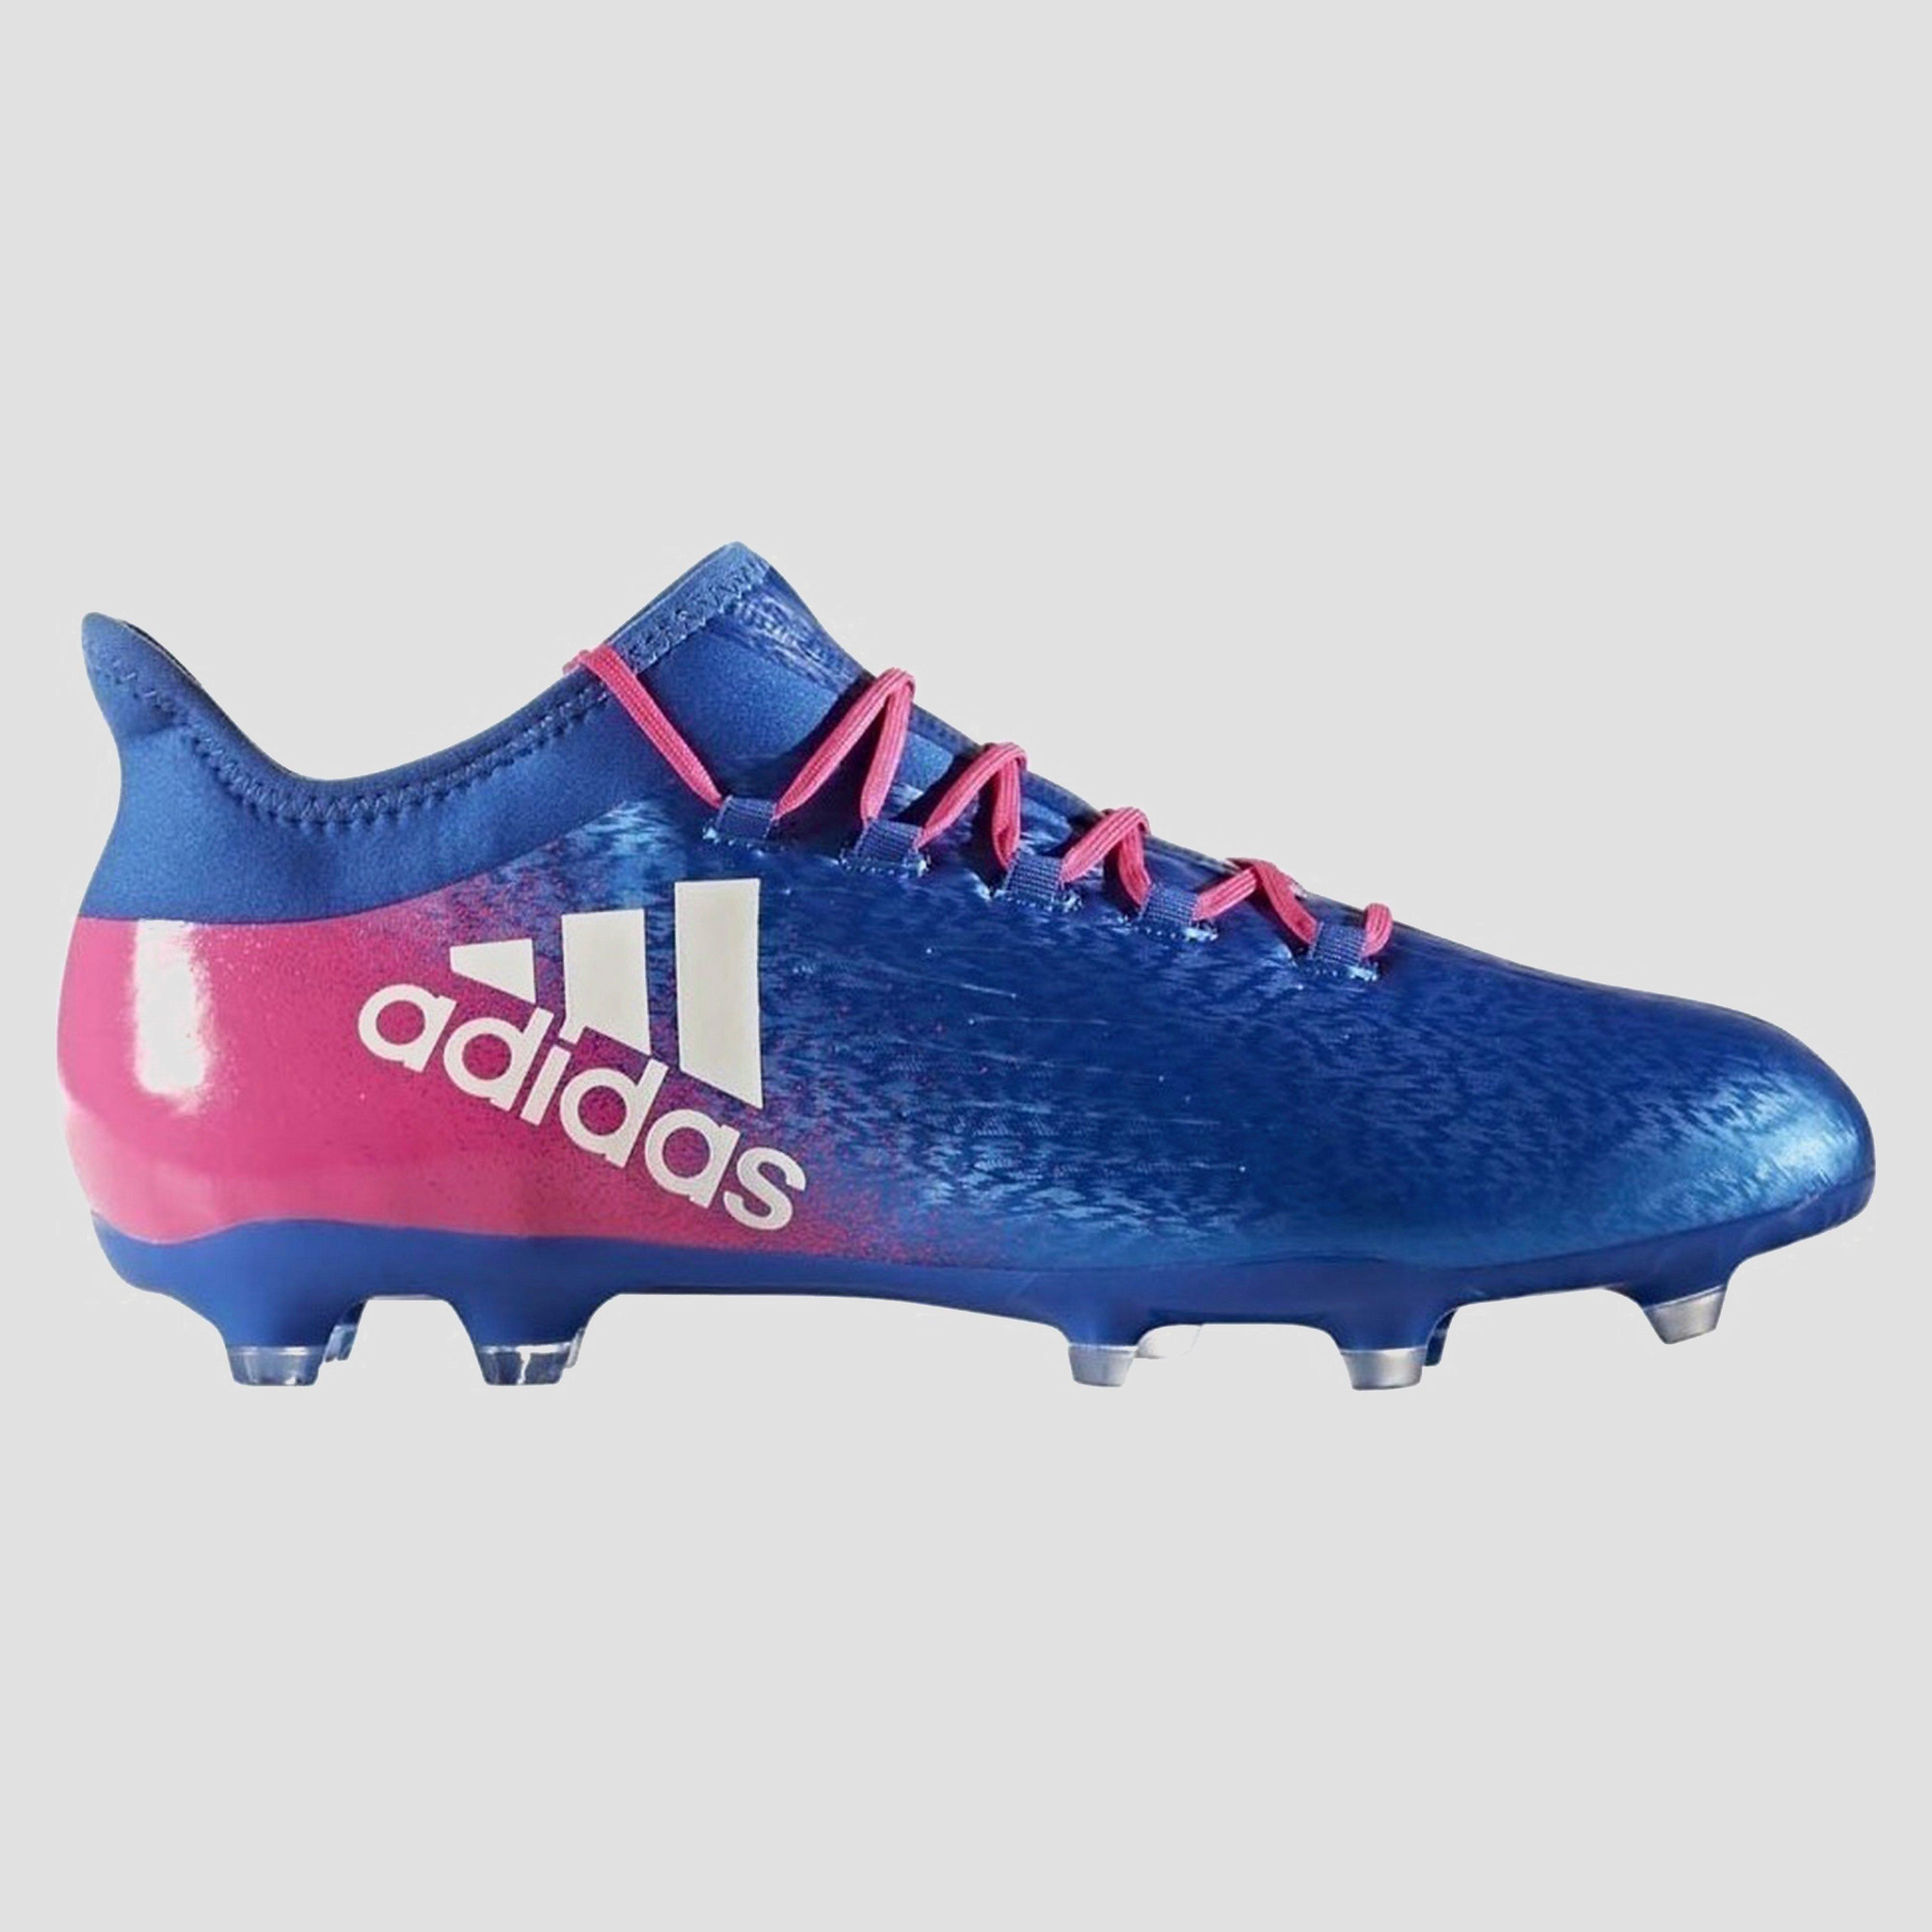 Voetbalschoenen adidas X 16.2 FG